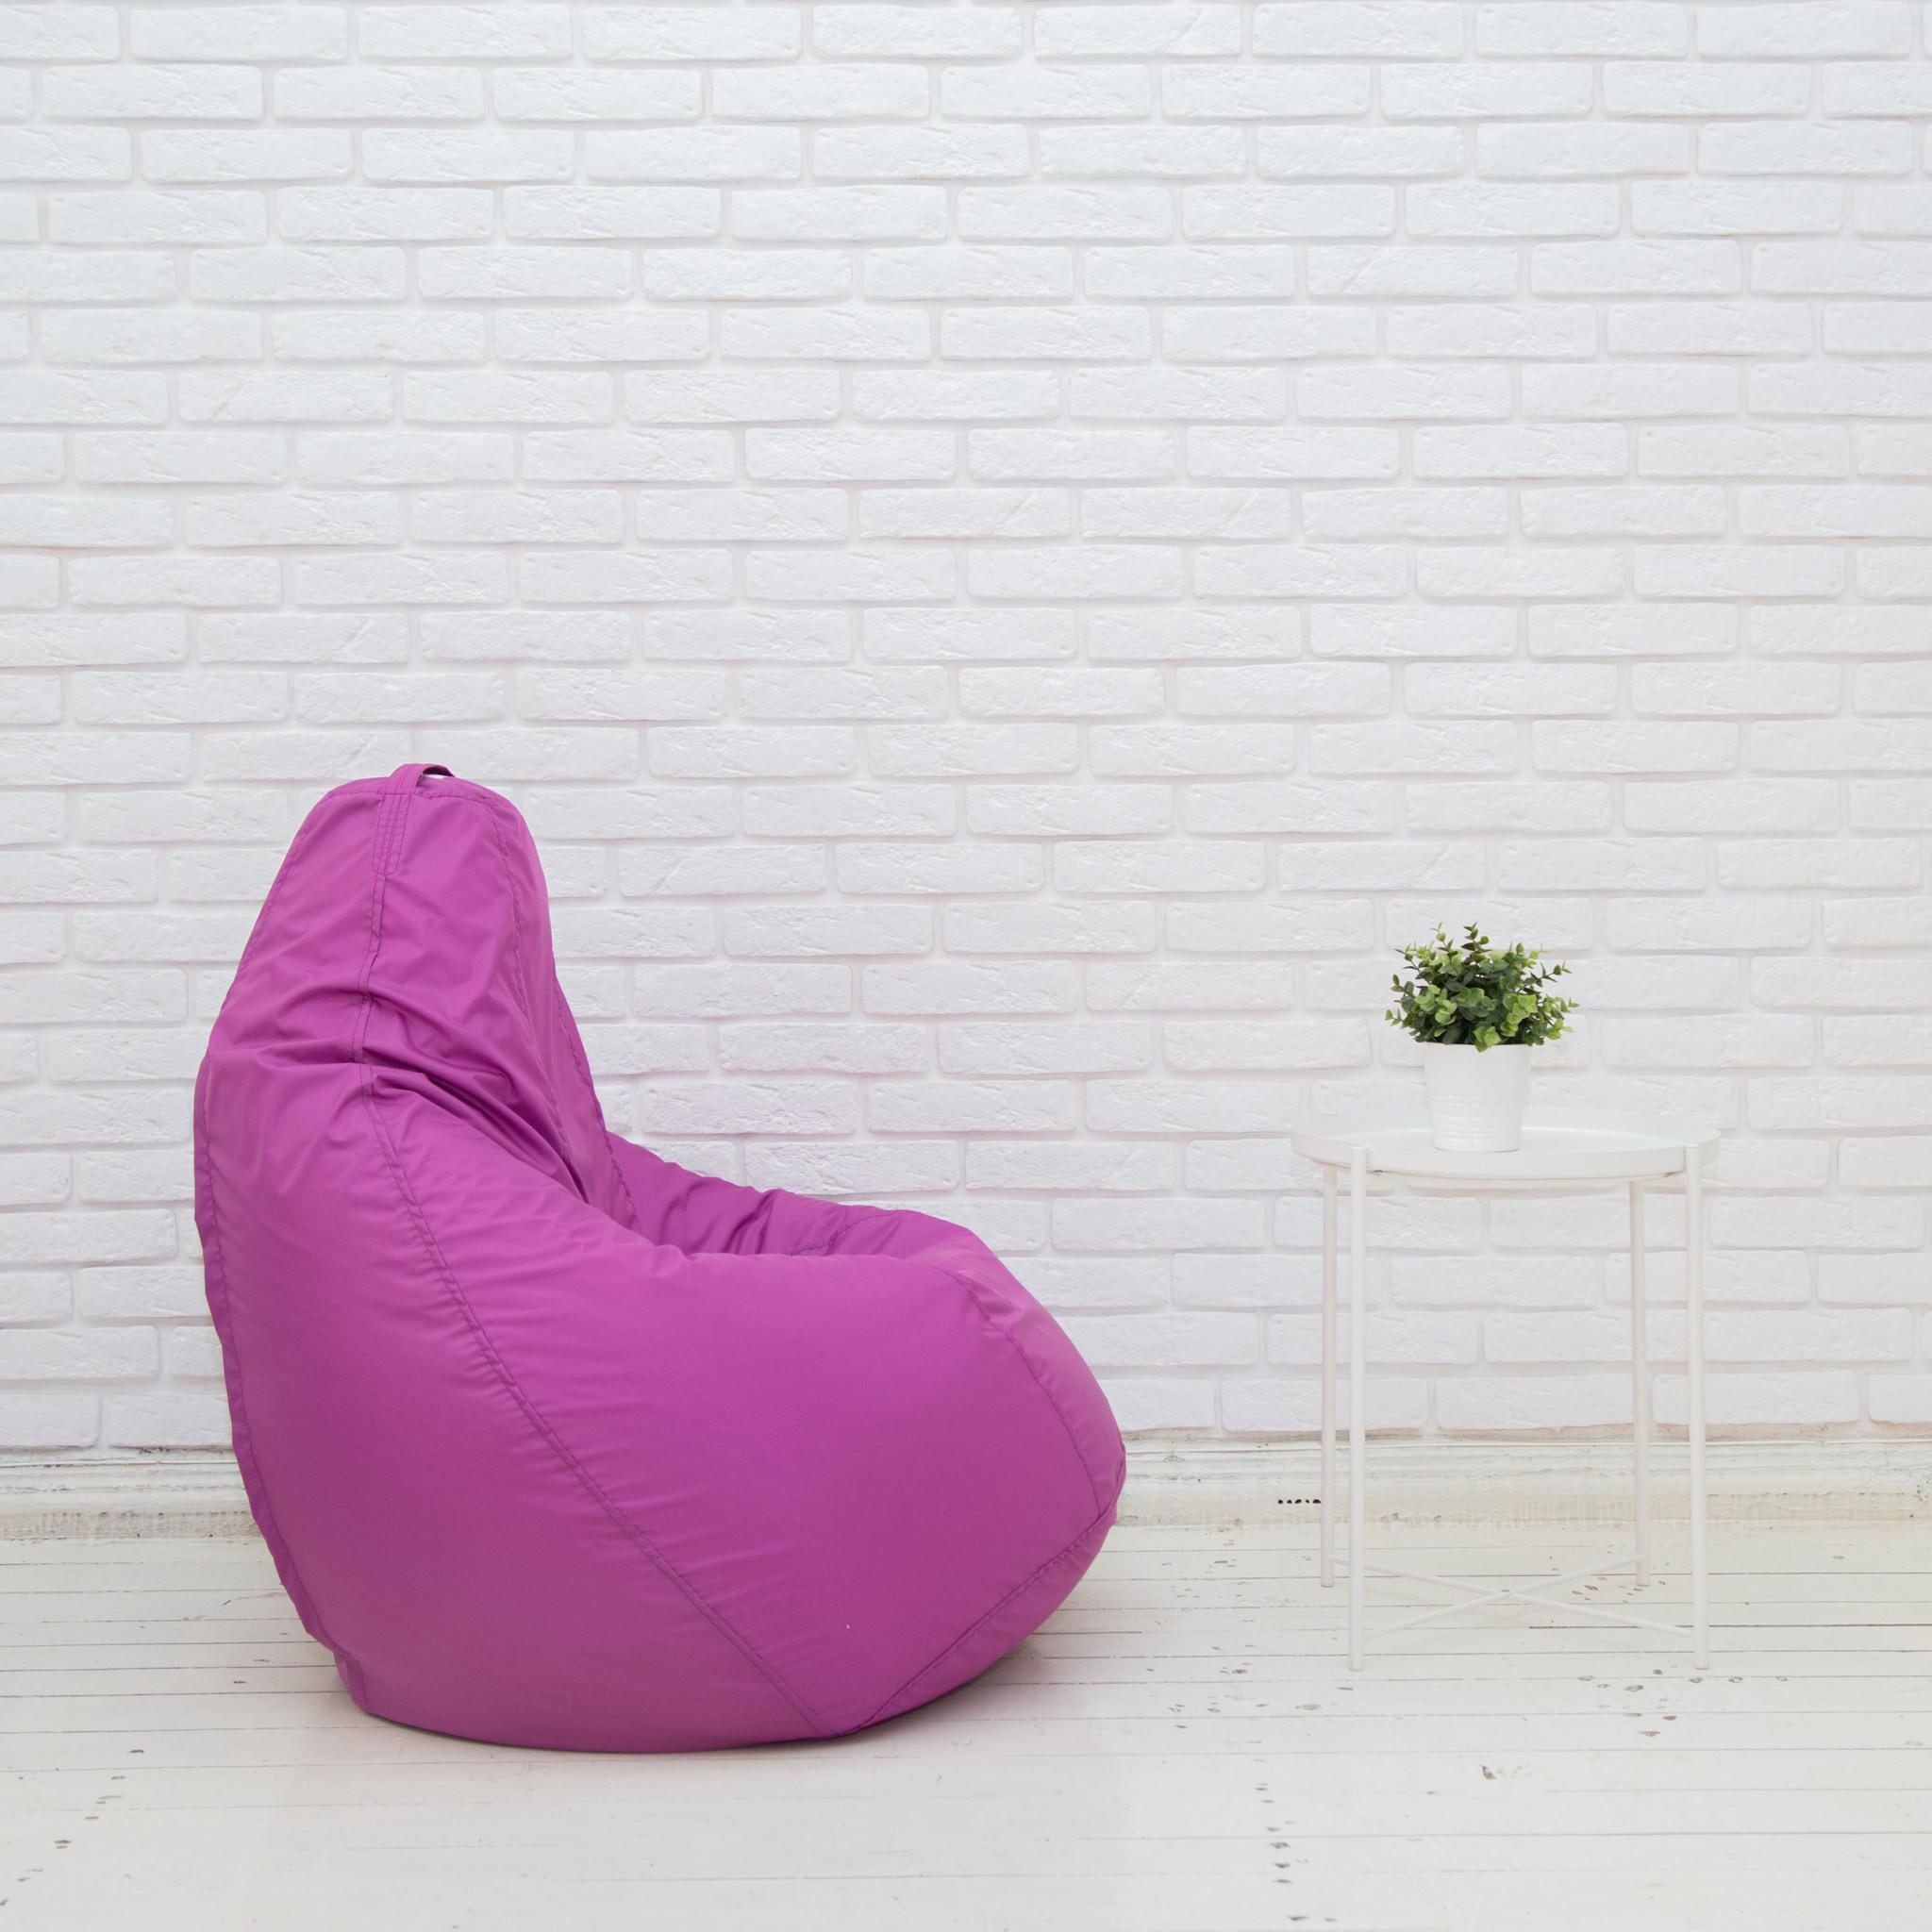 Груша М плащёвка, несъёмный чехол (фиолетовый)